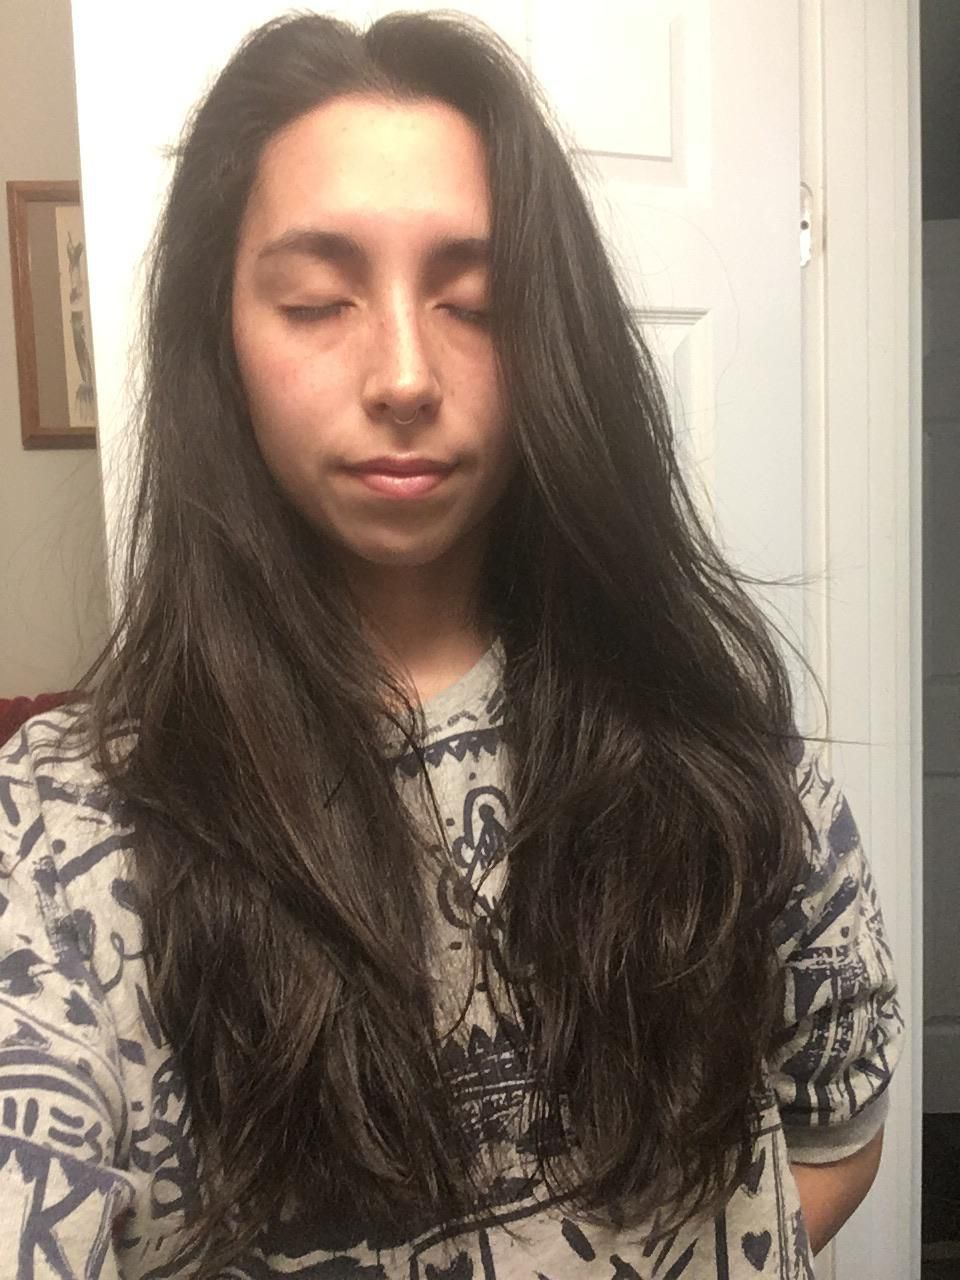 Easy Hairstyles Reddit Shoulder Length In 2020 Easy Hairstyles Very Long Hair Feed In Ponytail